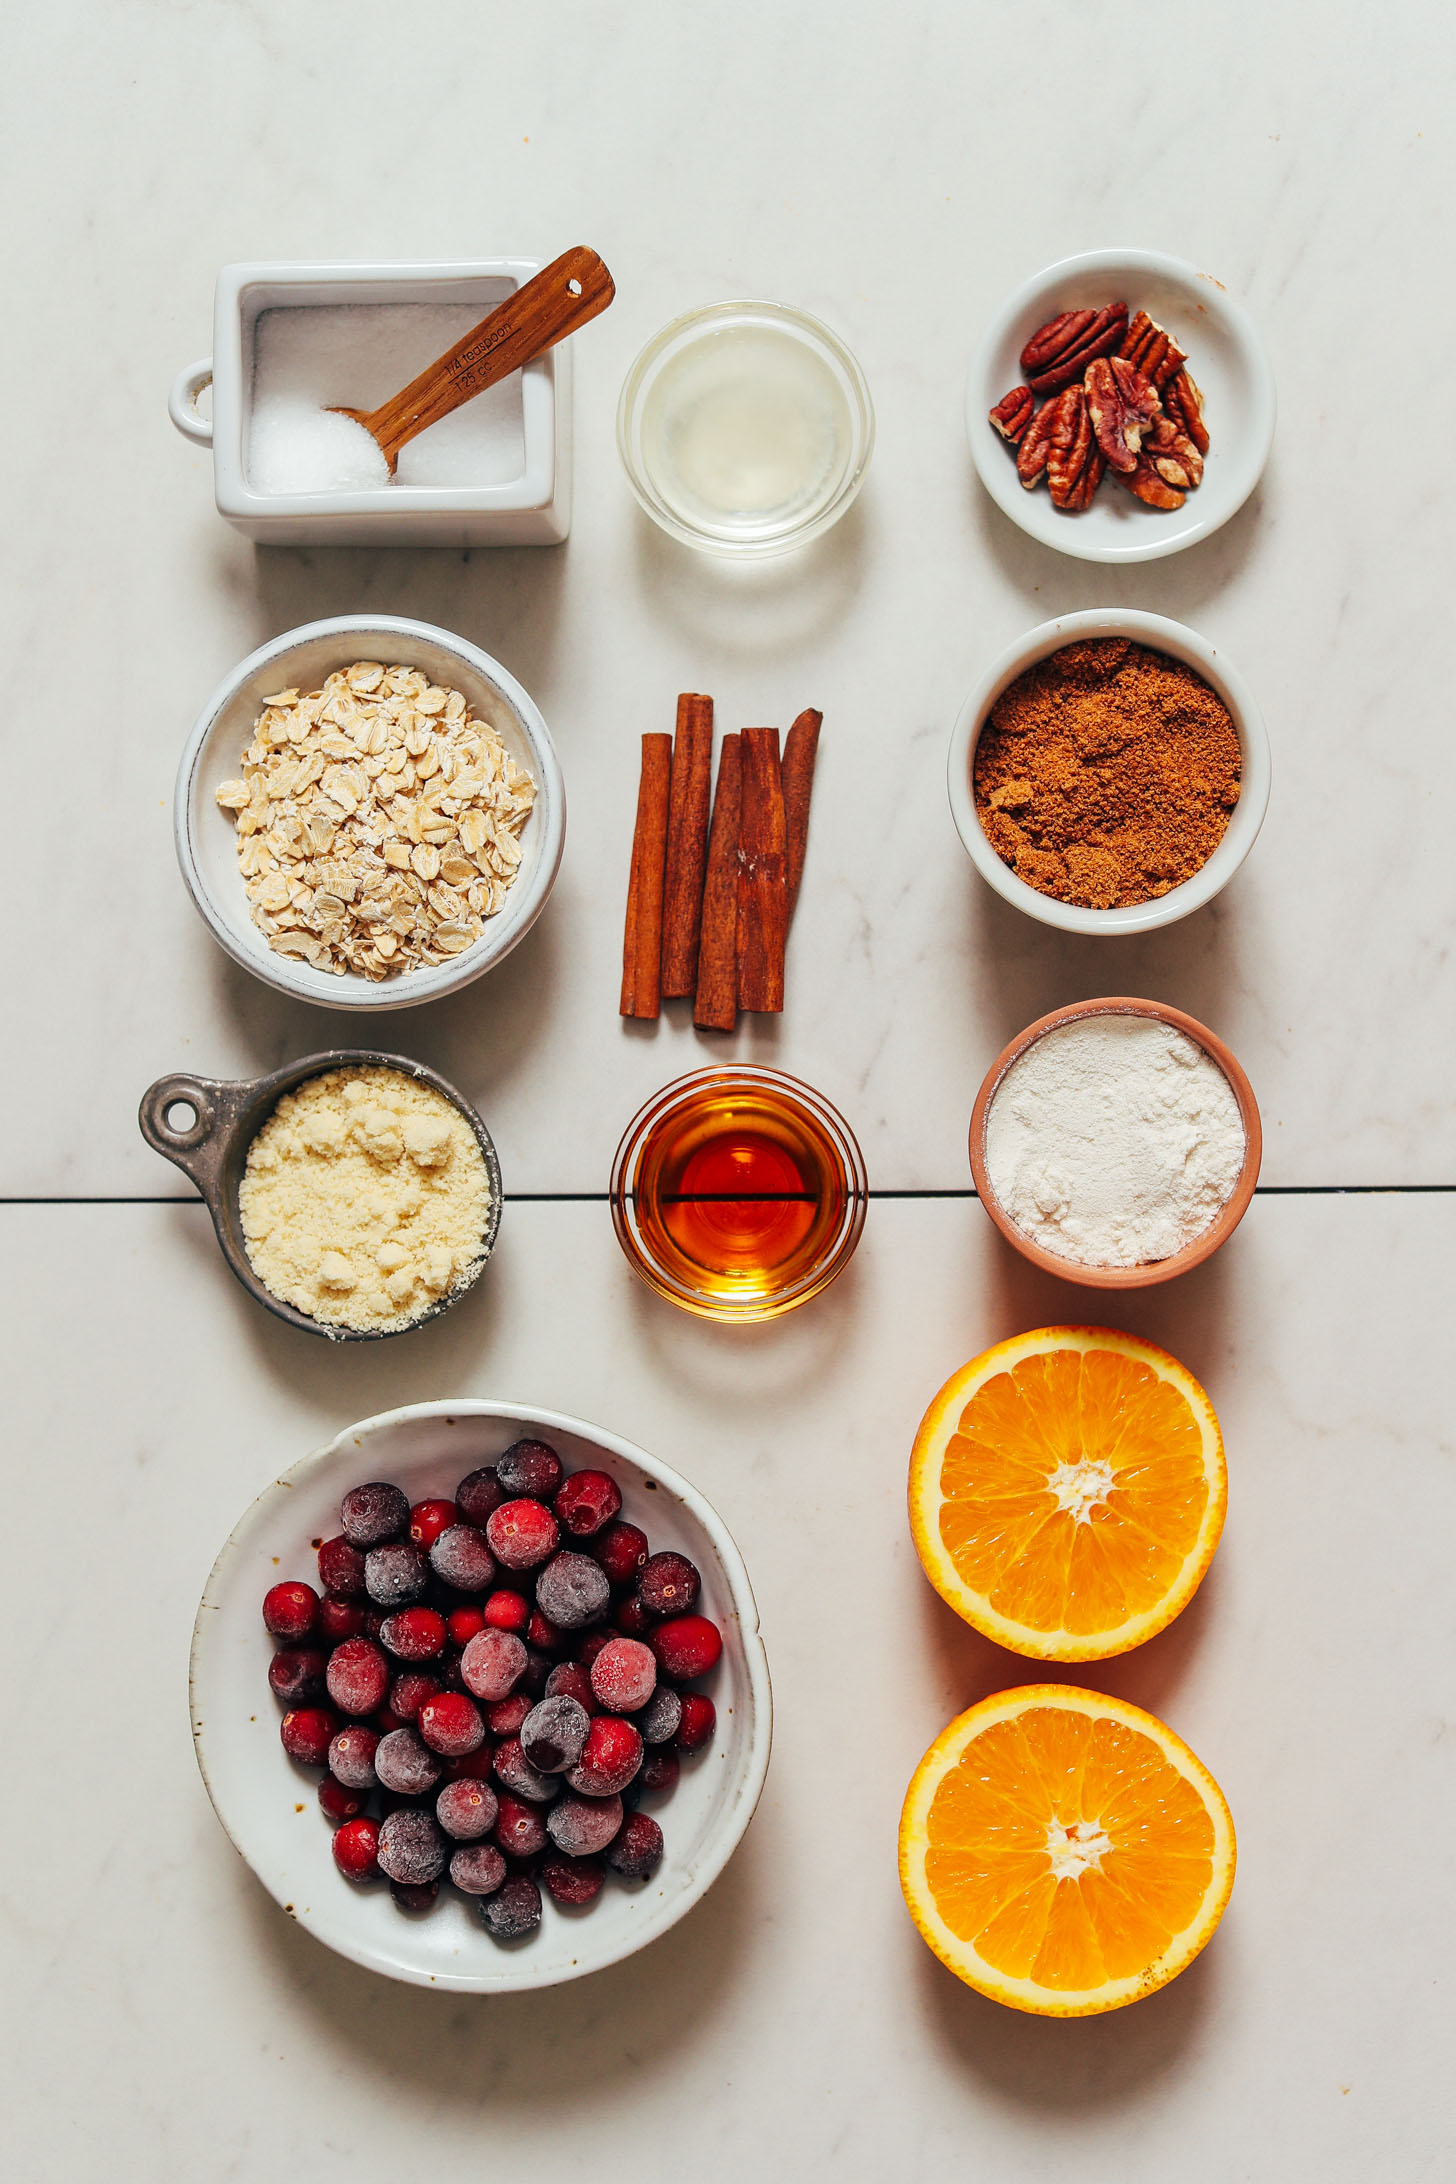 Laranjas, cranberries, farinha de amêndoa, xarope de bordo, mistura de farinha sem glúten, aveia, paus de canela, açúcar de coco, óleo de coco e sal marinho